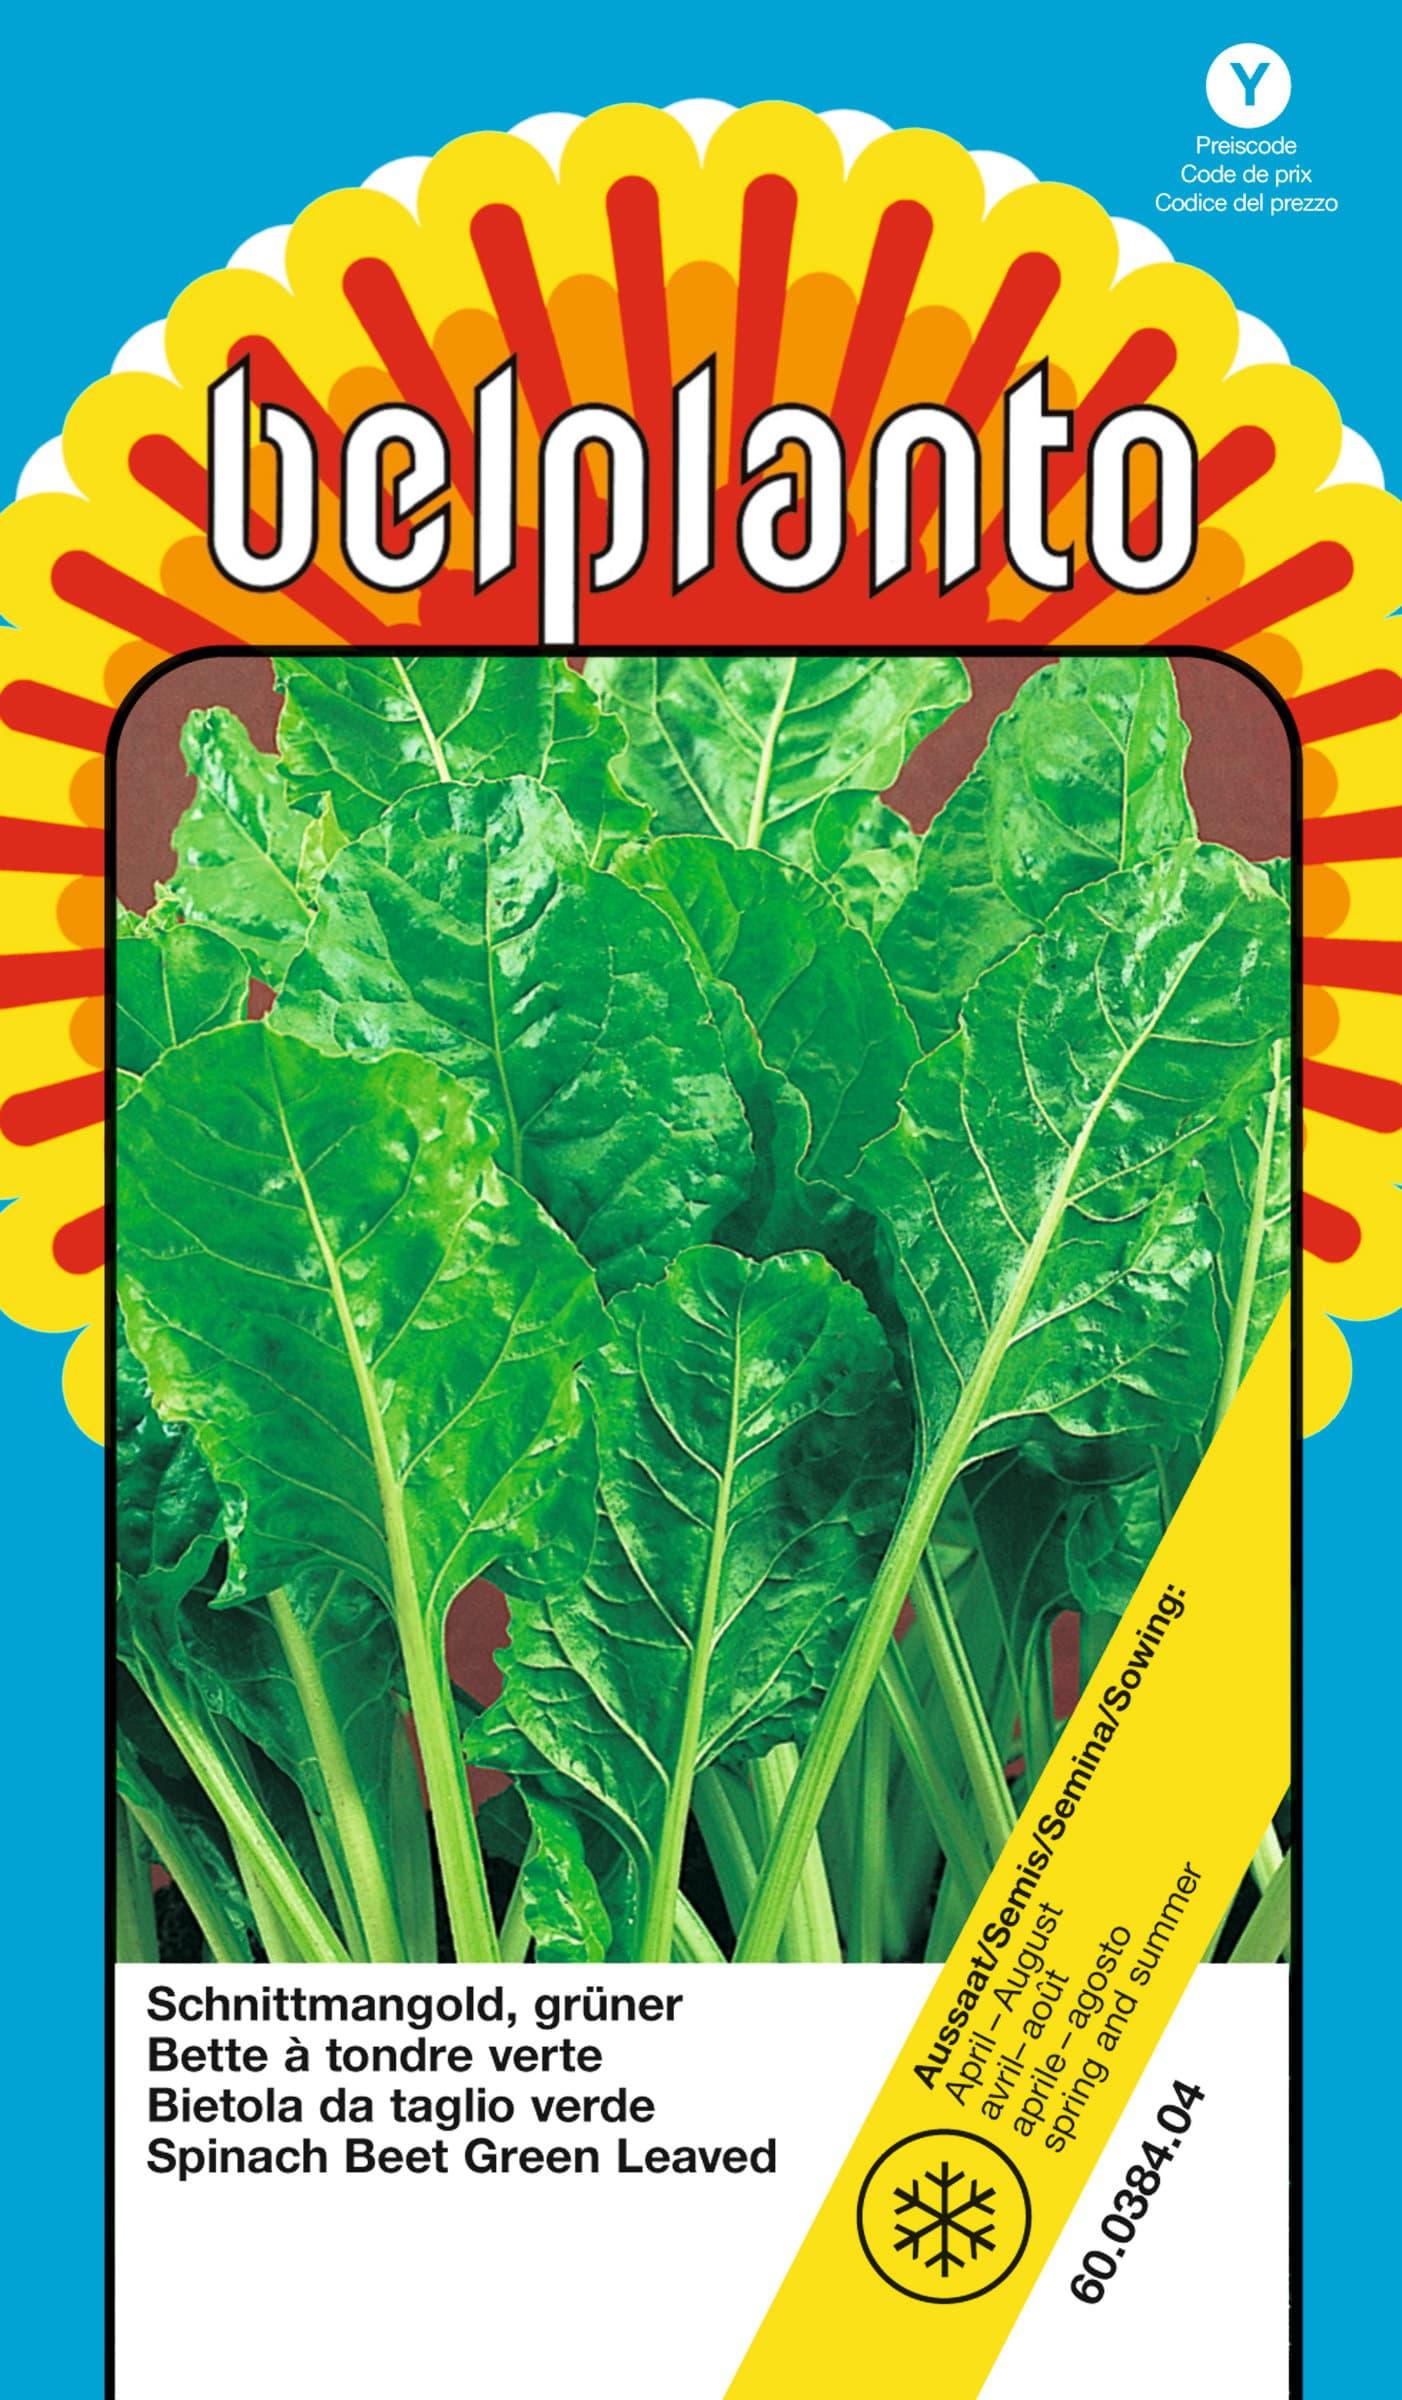 Samen Mauser Bietola da taglio verde Semente